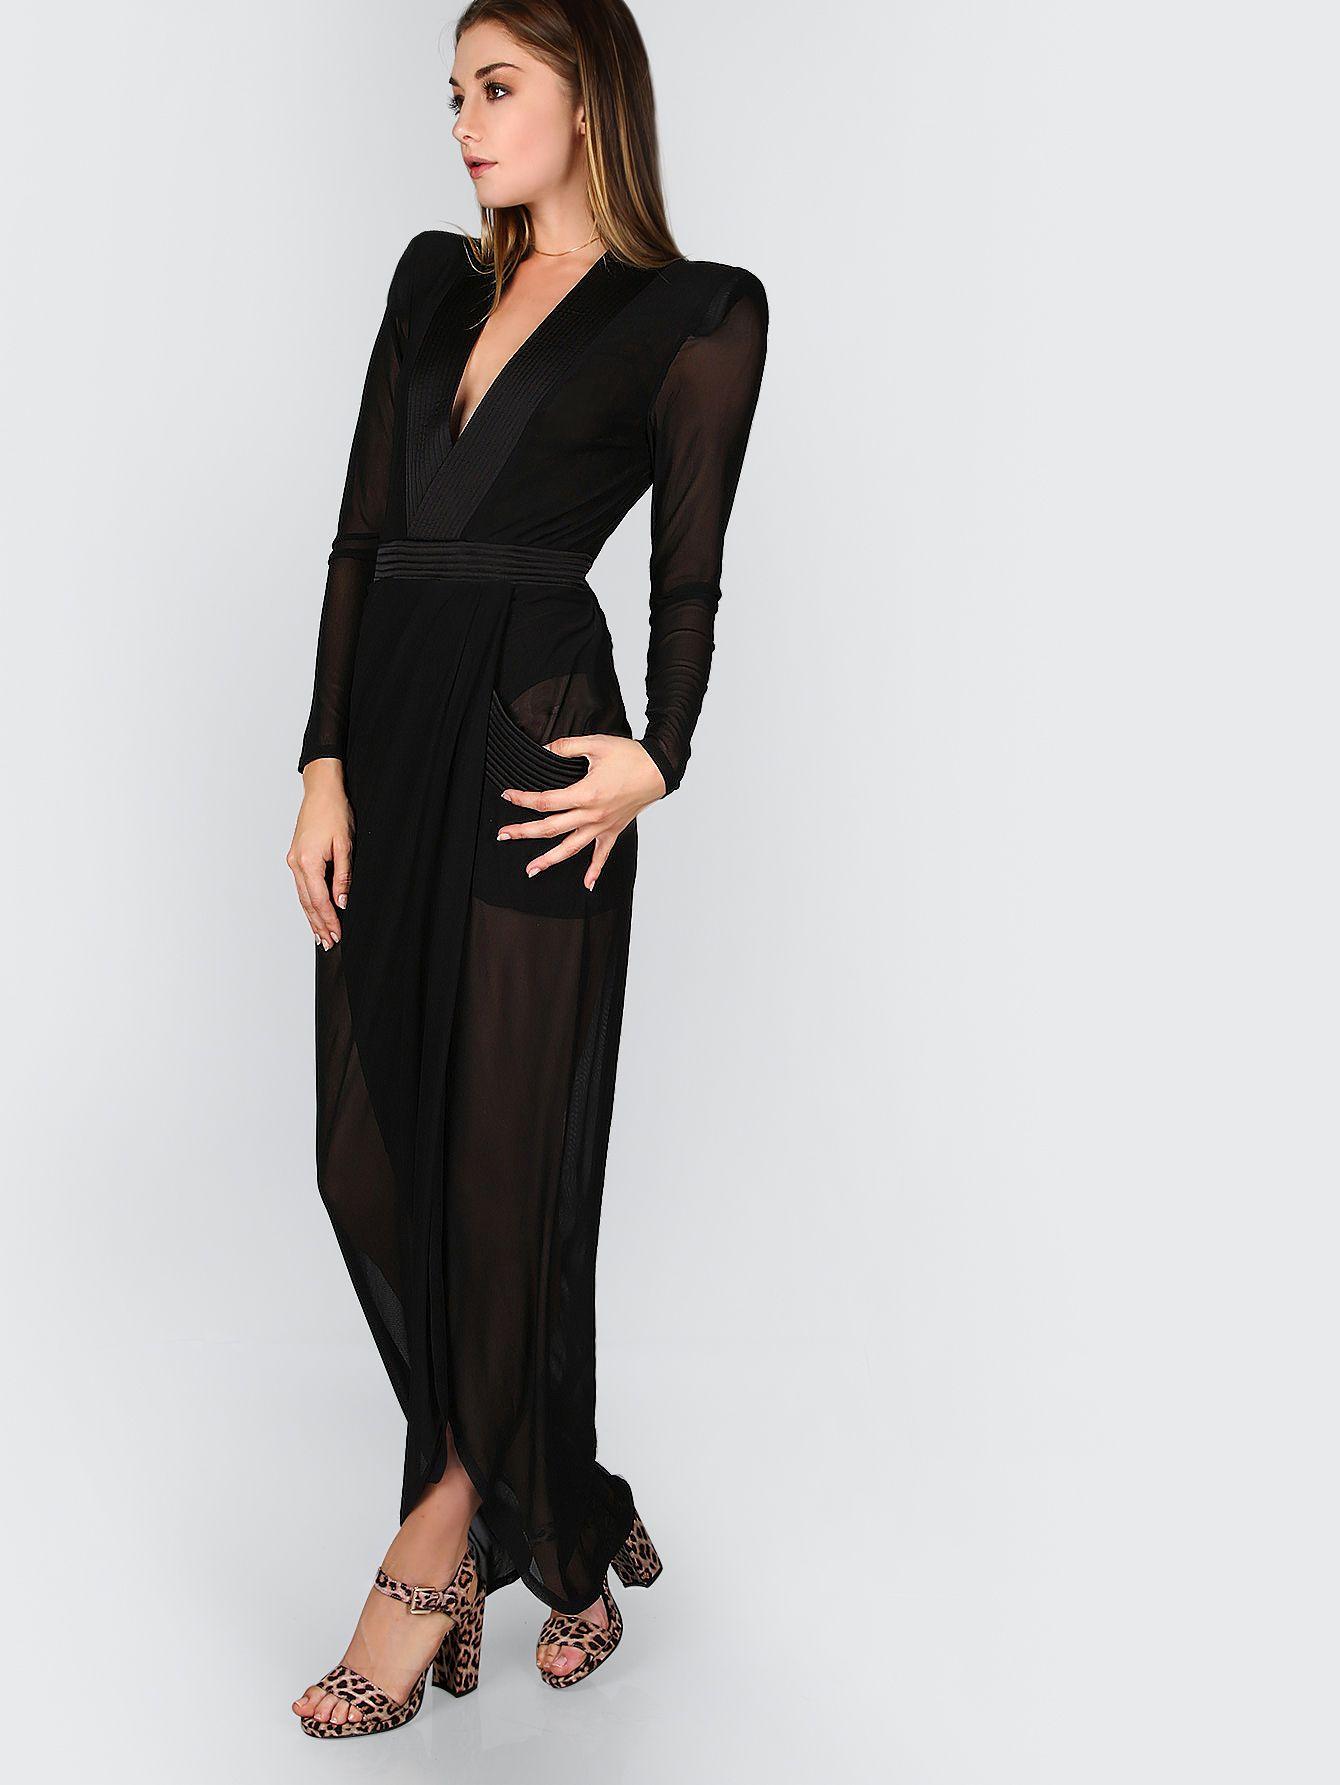 c5d2e78f4b695 Shop Deep V Neck Shoulder Pads Sheer Wrap Dress BLACK online. SheIn offers  Deep V Neck Shoulder Pads Sheer Wrap Dress BLACK & more to fit your  fashionable ...